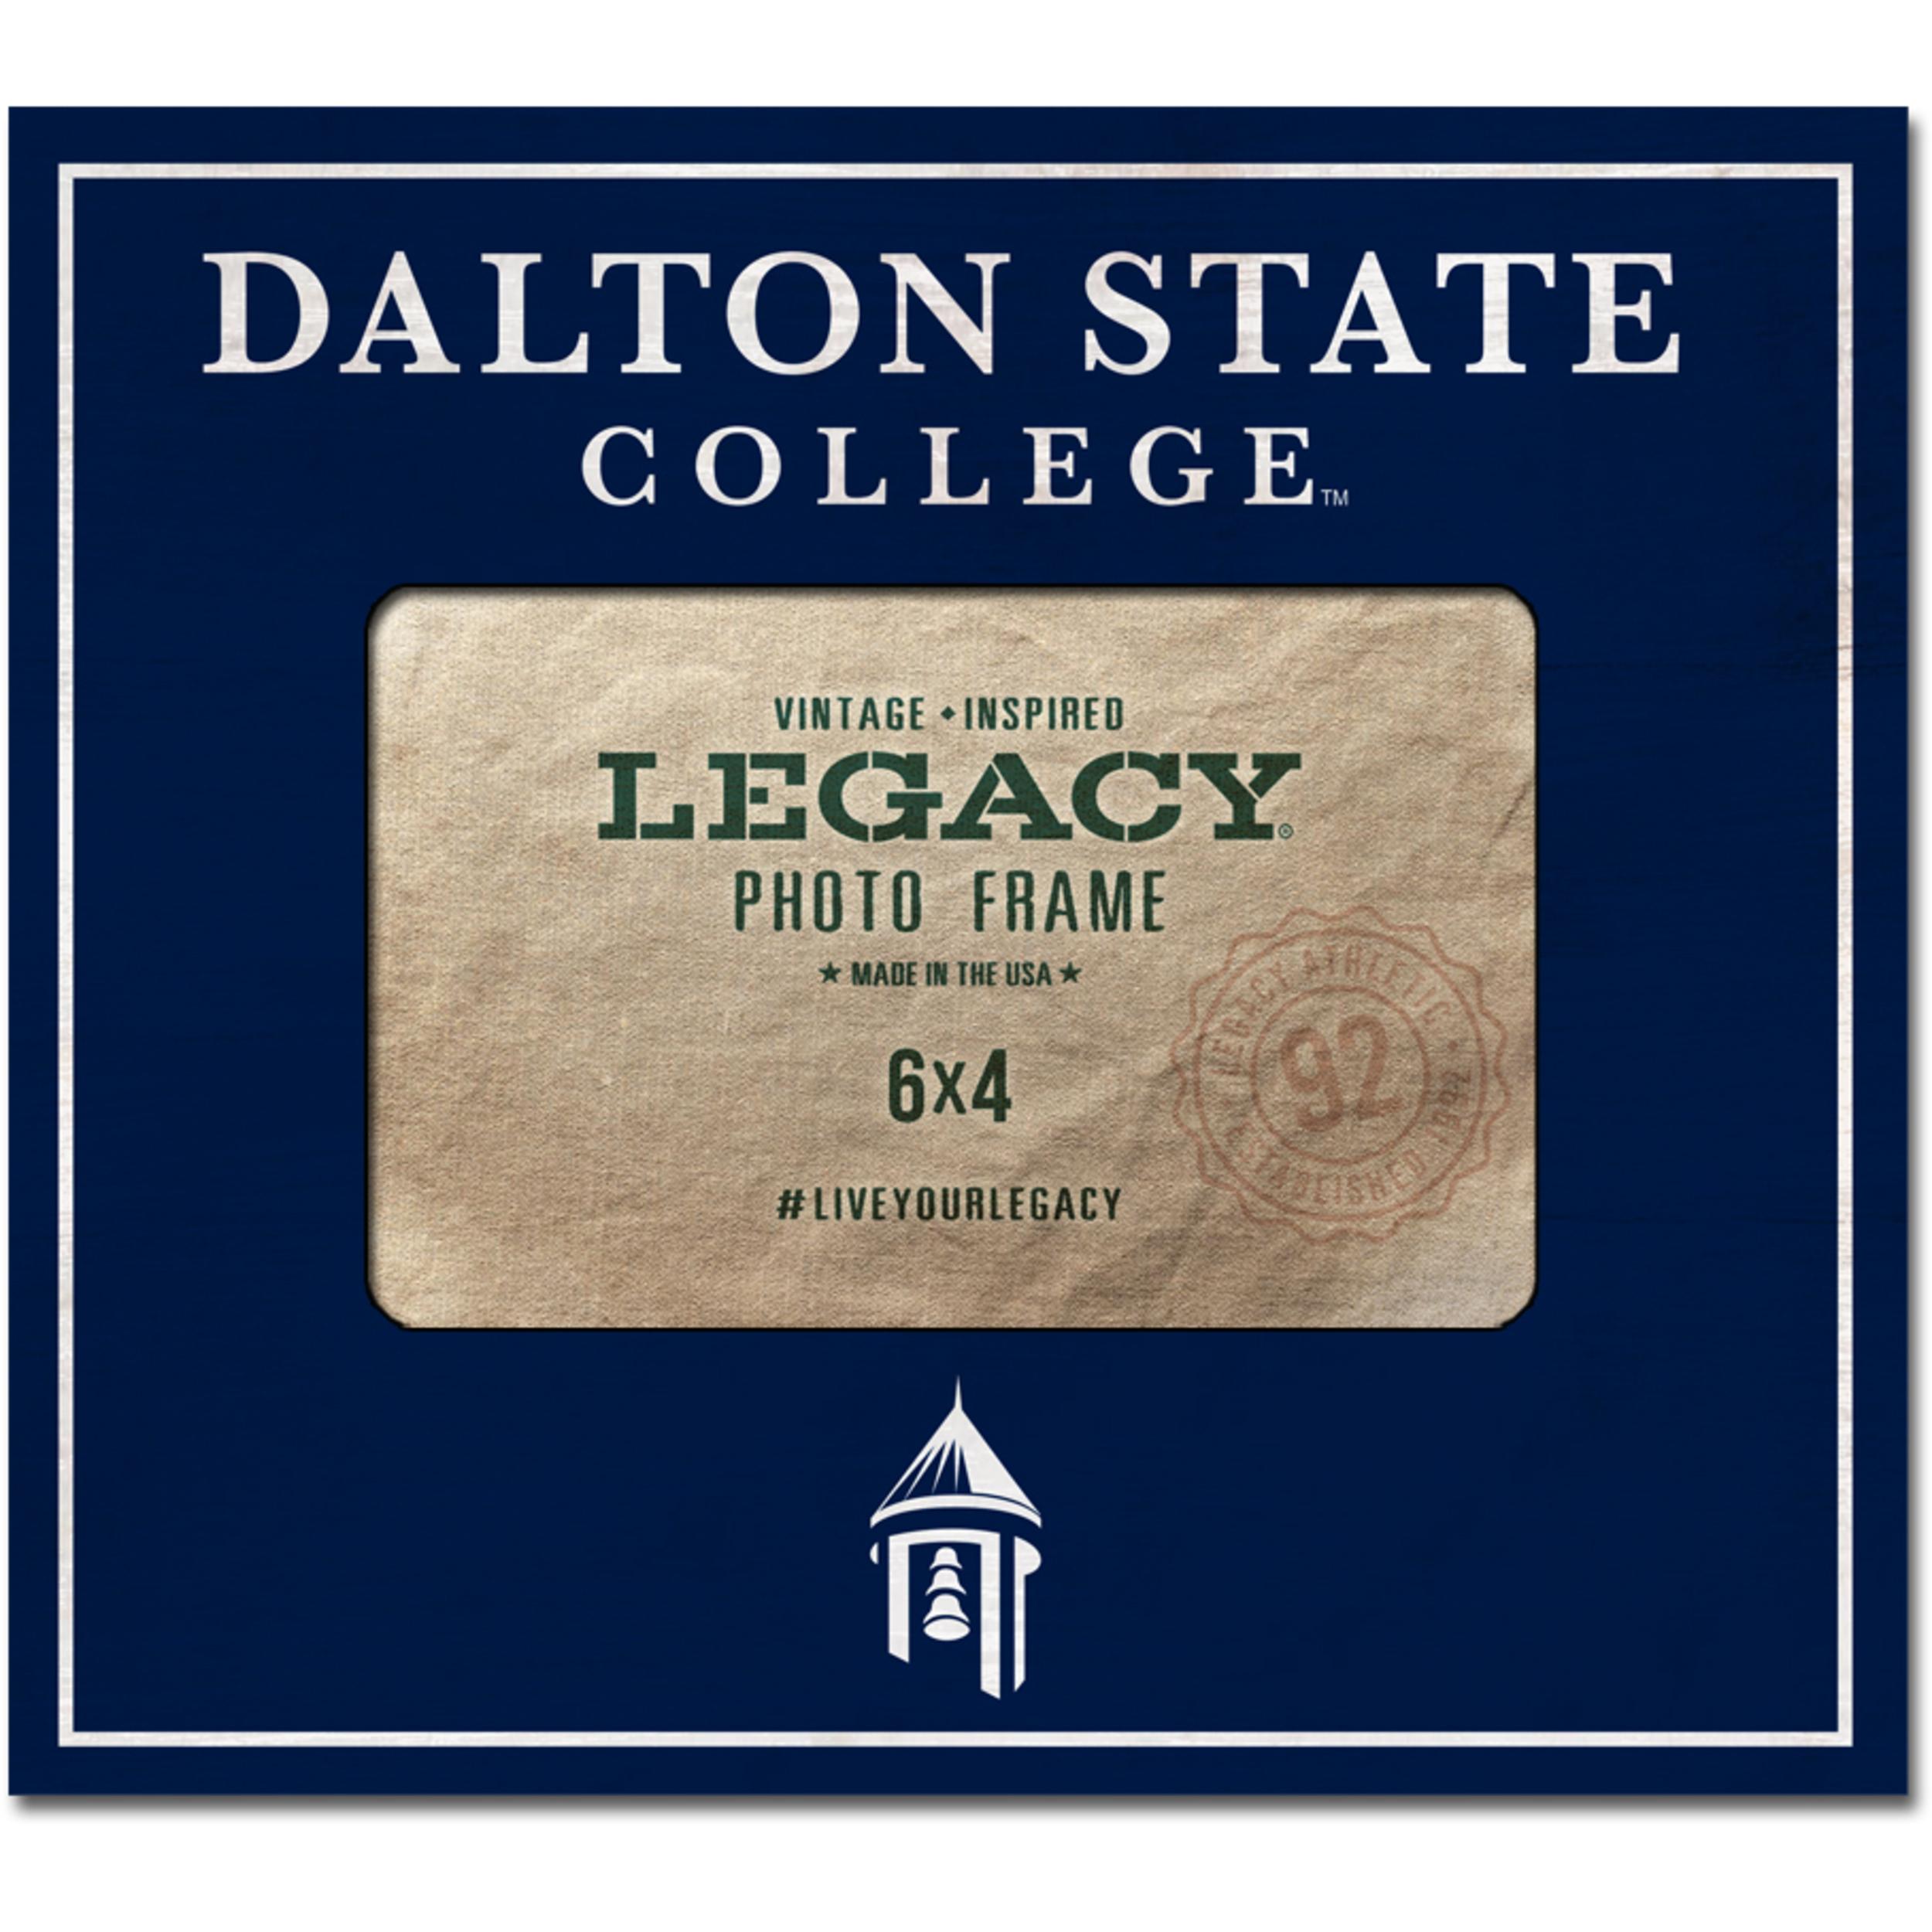 Dalton State College 4x6 Picture Frame